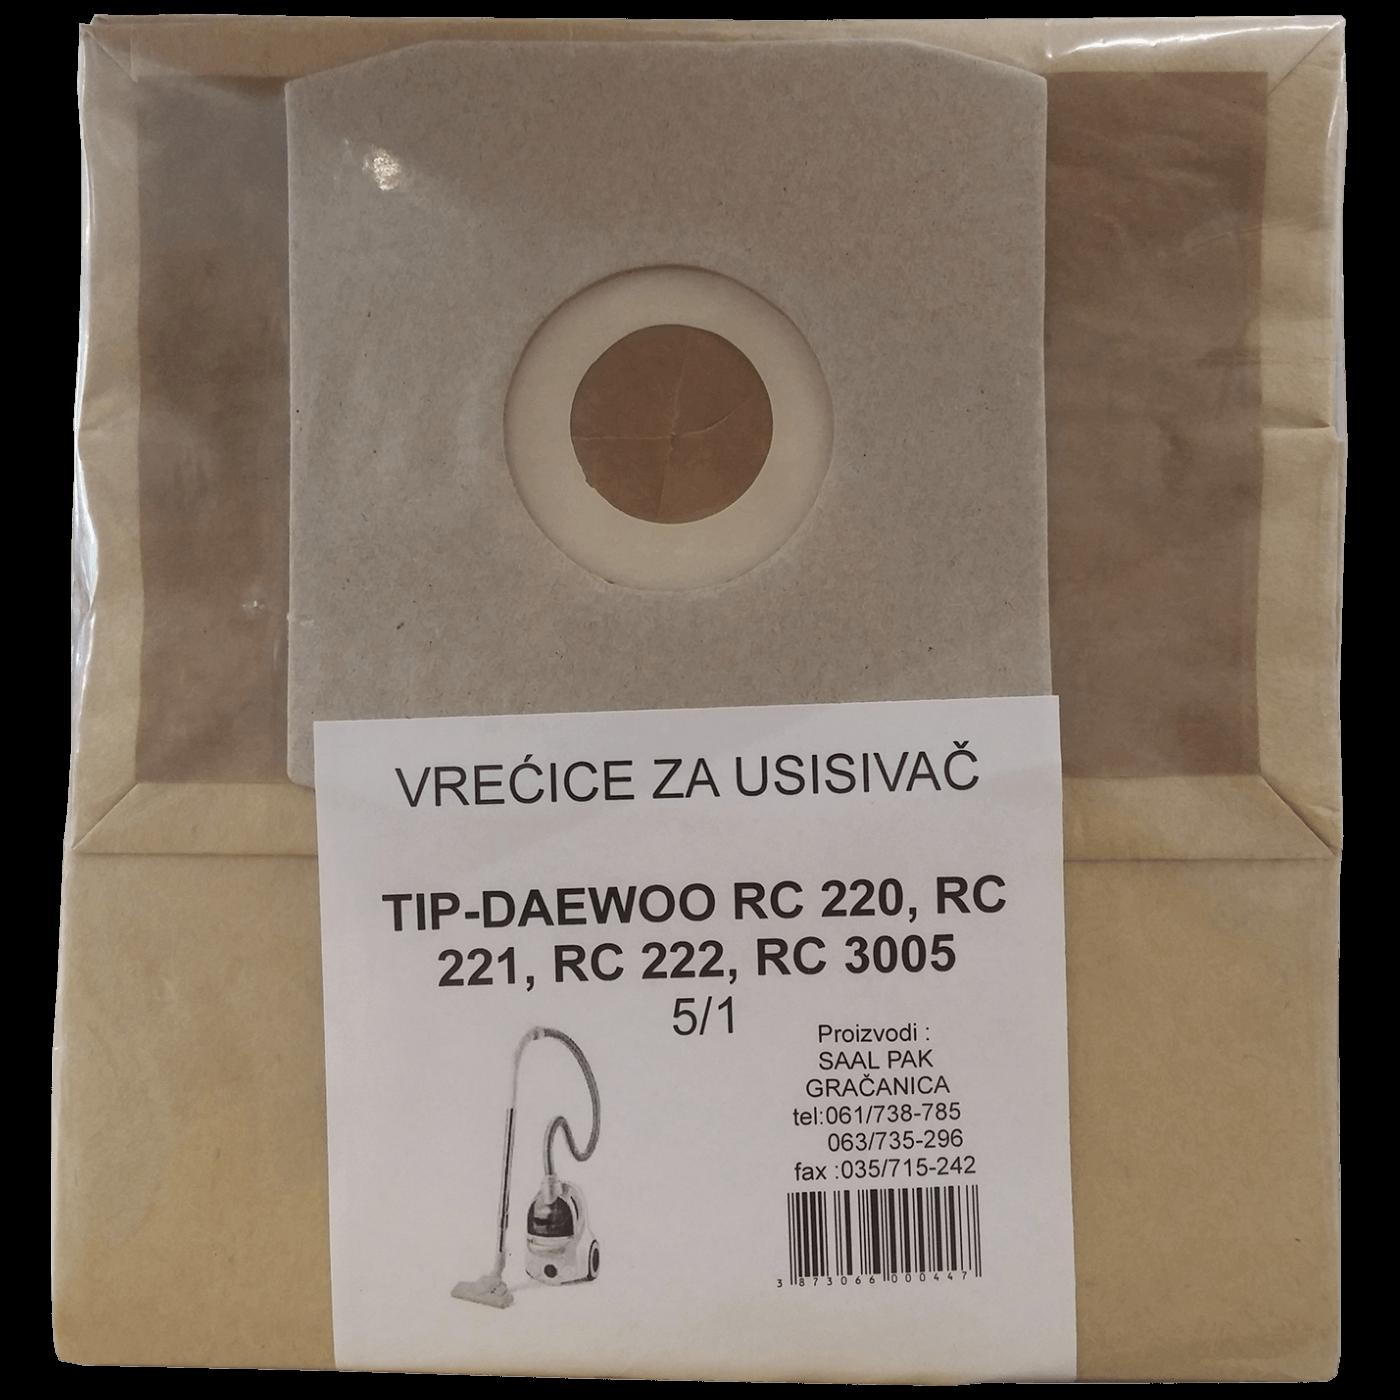 Vrećice za usisavač 5/1, Daewoo RC 3005